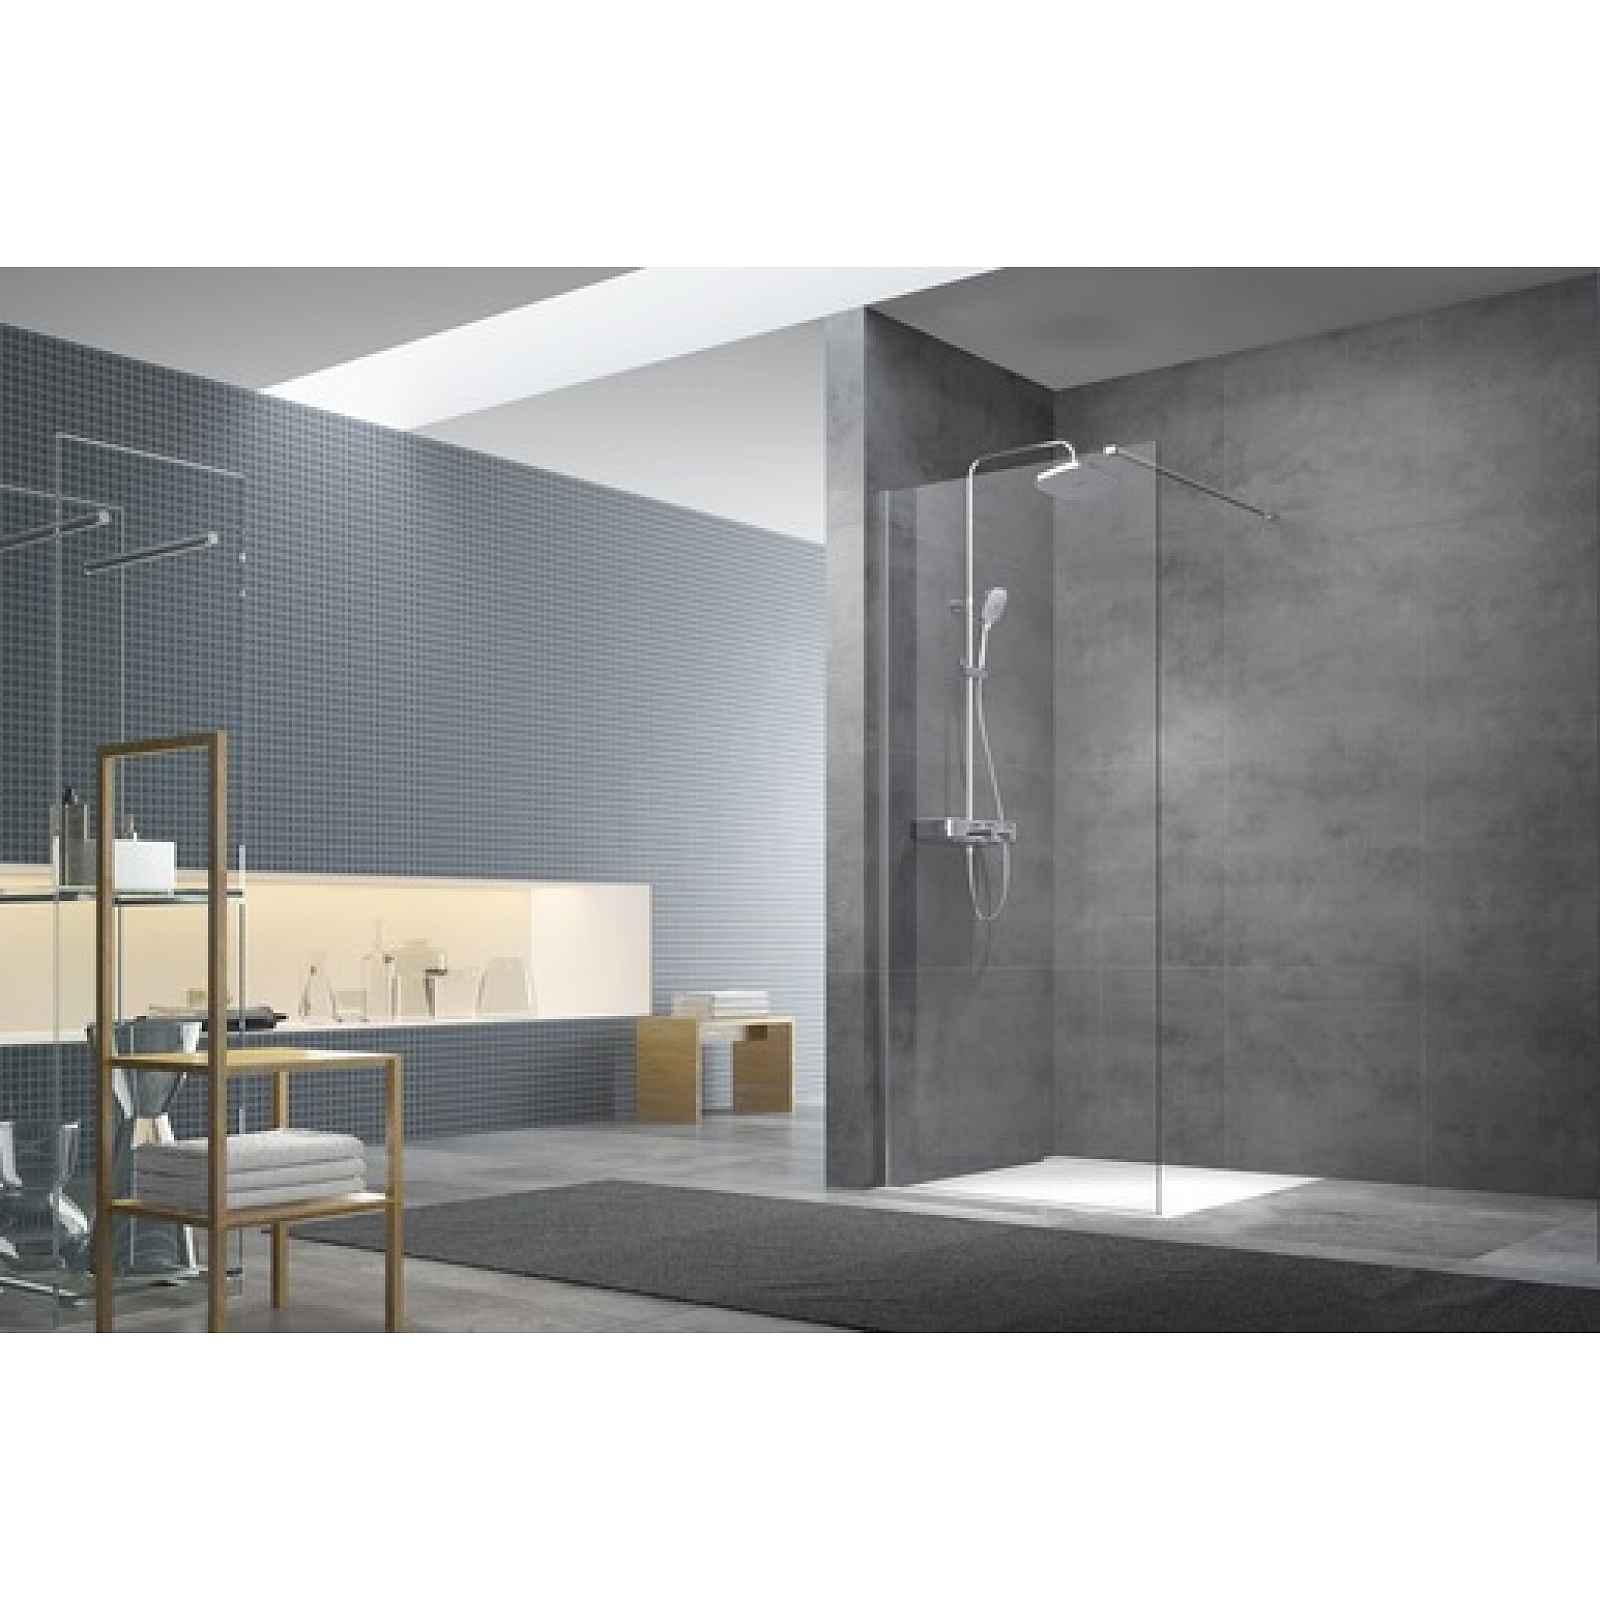 Sprchová zástěna walk-in Walk-In / dveře 80 cm s profilem a zavětrováním Swiss Aqua Technologies Walk-in SATBWI80PR